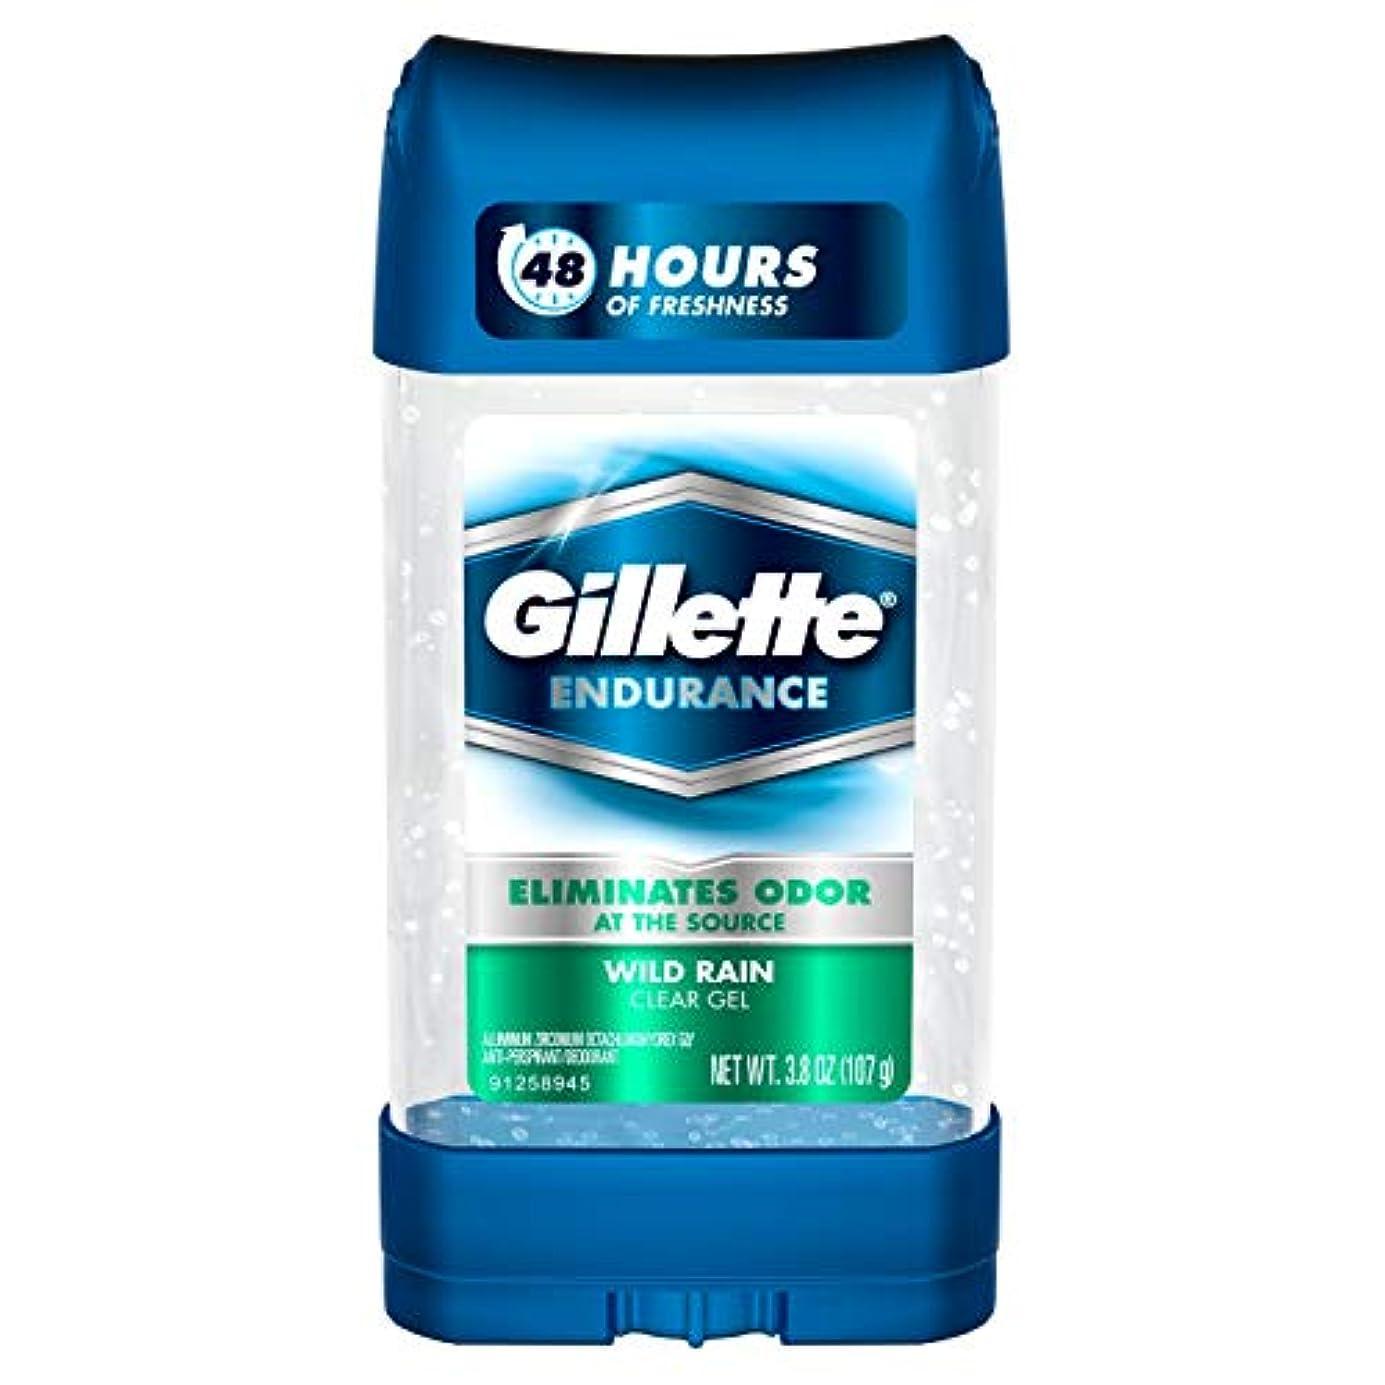 擬人化トーナメントかみそりGillette Endurance Clear Gel, Wild Rain - 3.8 oz (107g) [並行輸入品]